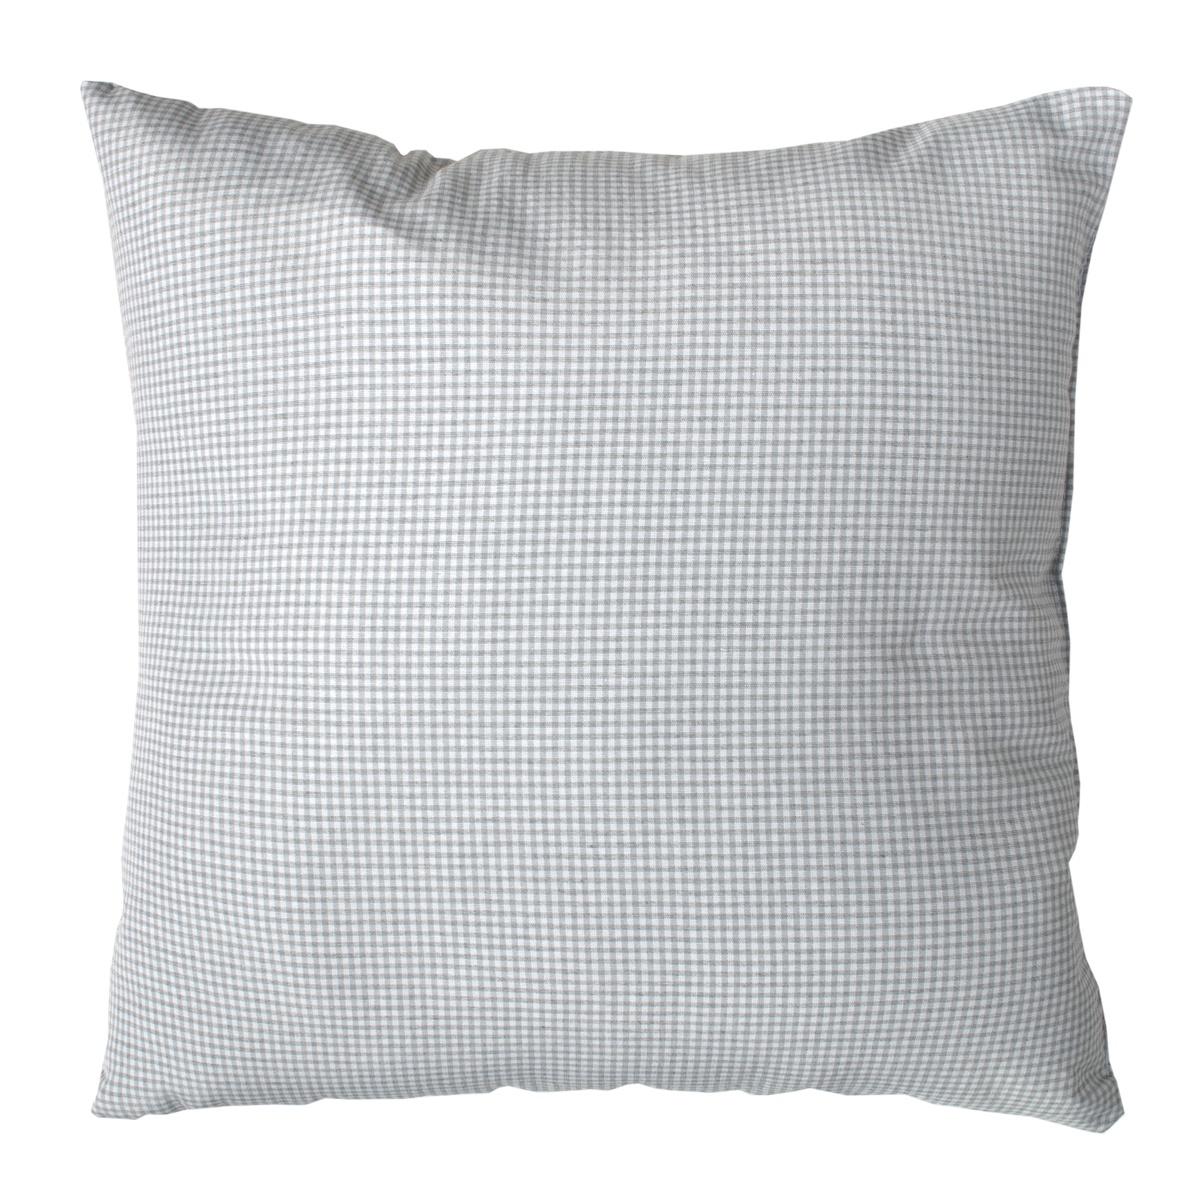 цена на Подушка декоративная ТК Традиция Лофт, 40х40, 2060, серый